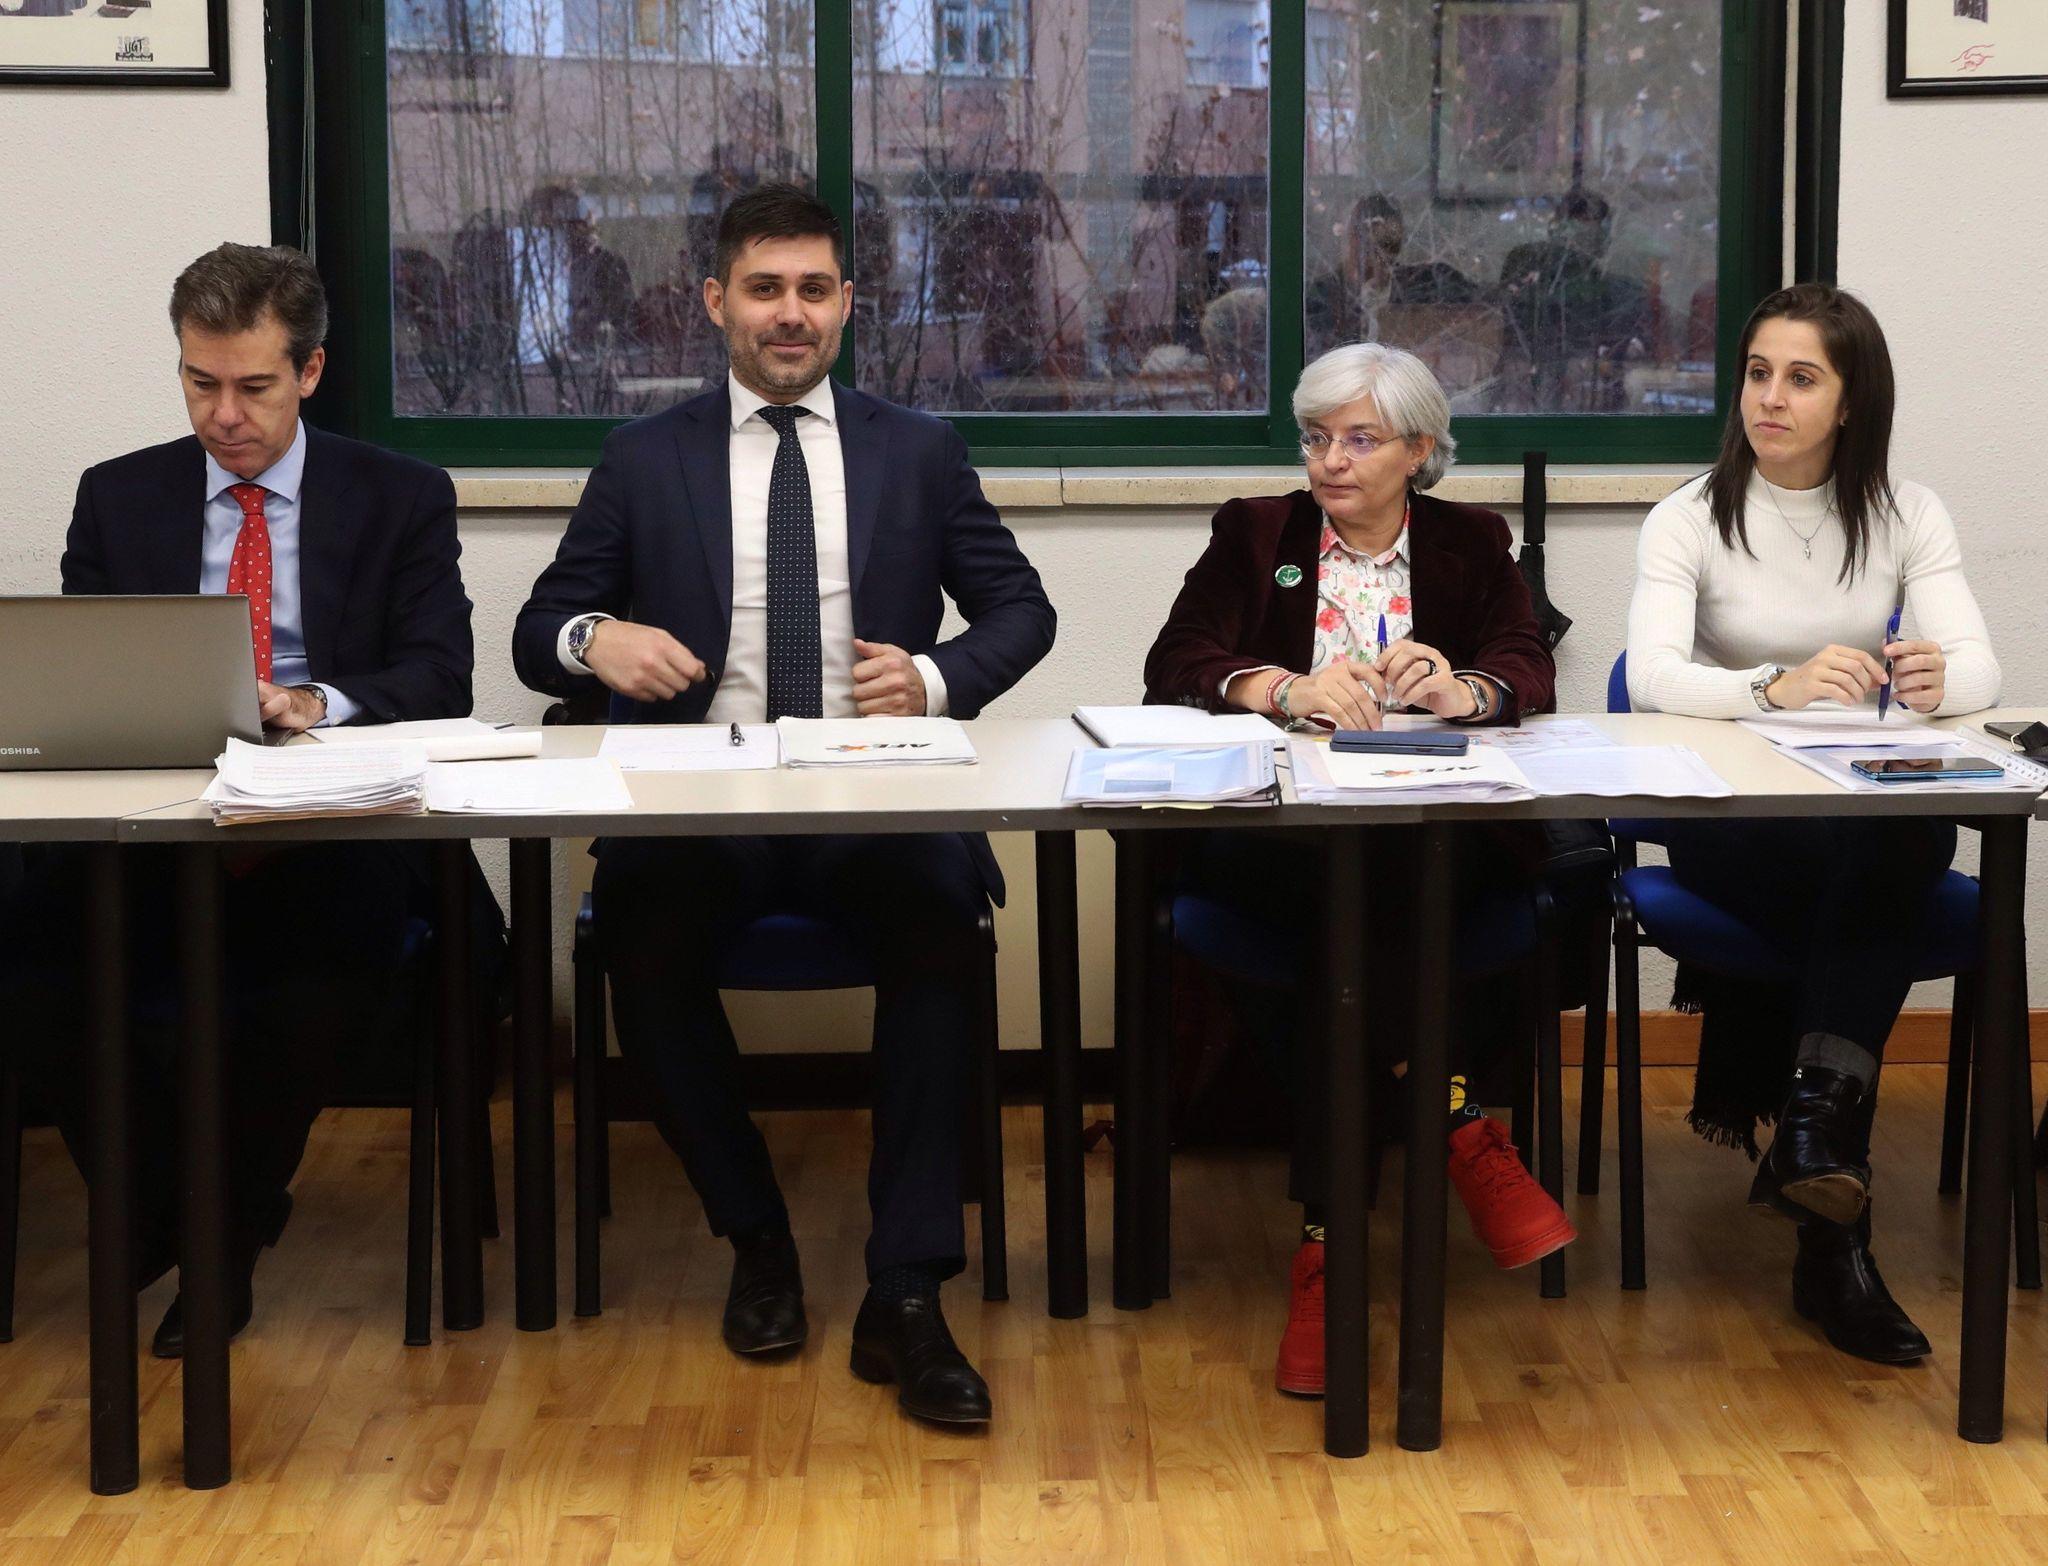 GRAF2062. MADRID, 19/12/2019.- El presidente de la AFE, David Aganzo (2i), y la codirectora de la asesoría jurídica de dicha asociación, lt;HIT gt;Maria lt;/HIT gt; lt;HIT gt;José lt;/HIT gt; lt;HIT gt;López lt;/HIT gt; (2d), durante la reunión con la Asociación de Clubes de Fútbol Femenino para negociar el primer convenio colectivo. EFE/Kiko Huesca